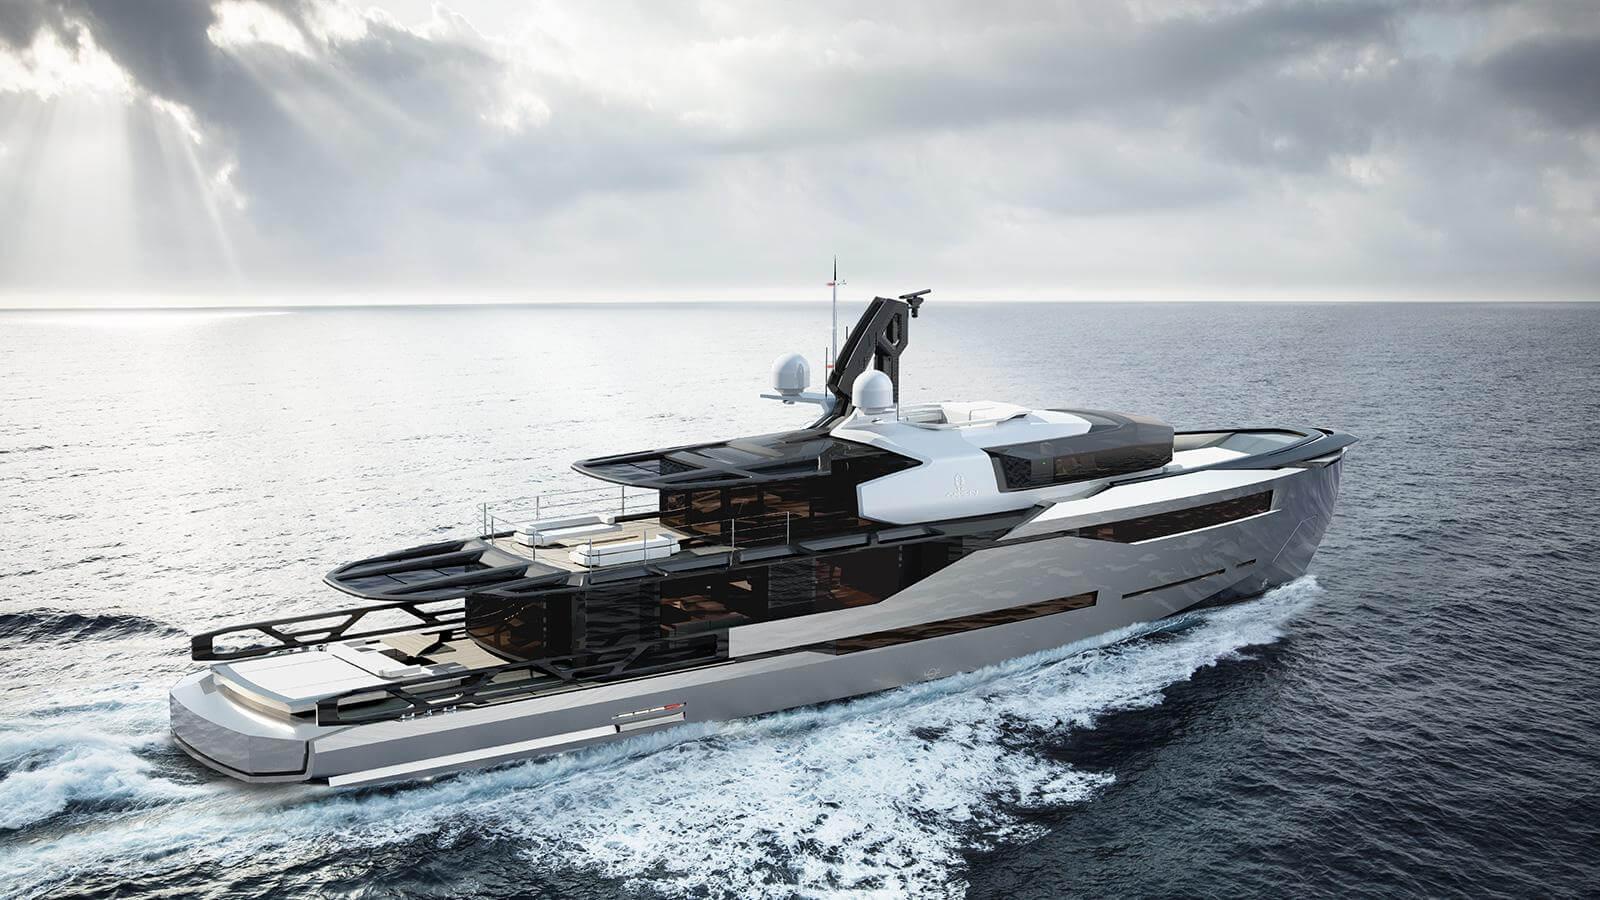 Aeon 380 Concept Yacht - Scaro Design